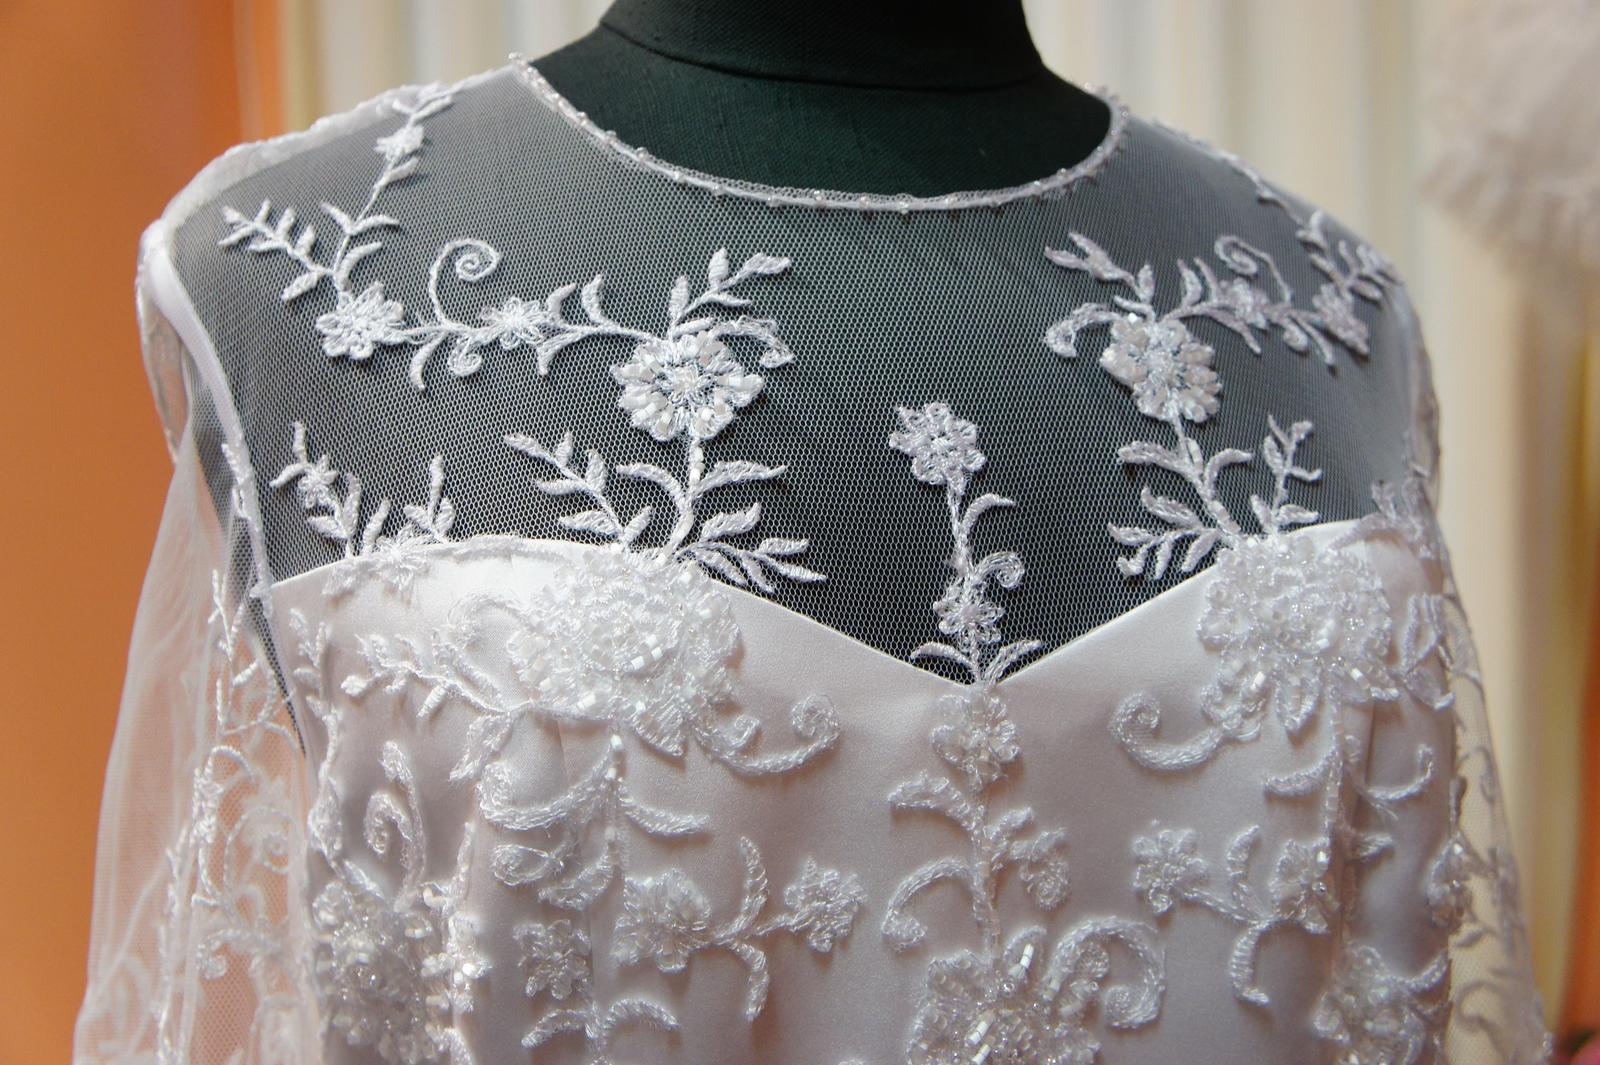 Netradiční svatební šaty na prodej - Prodejní cena se nyní snížila na 5000 Kč.